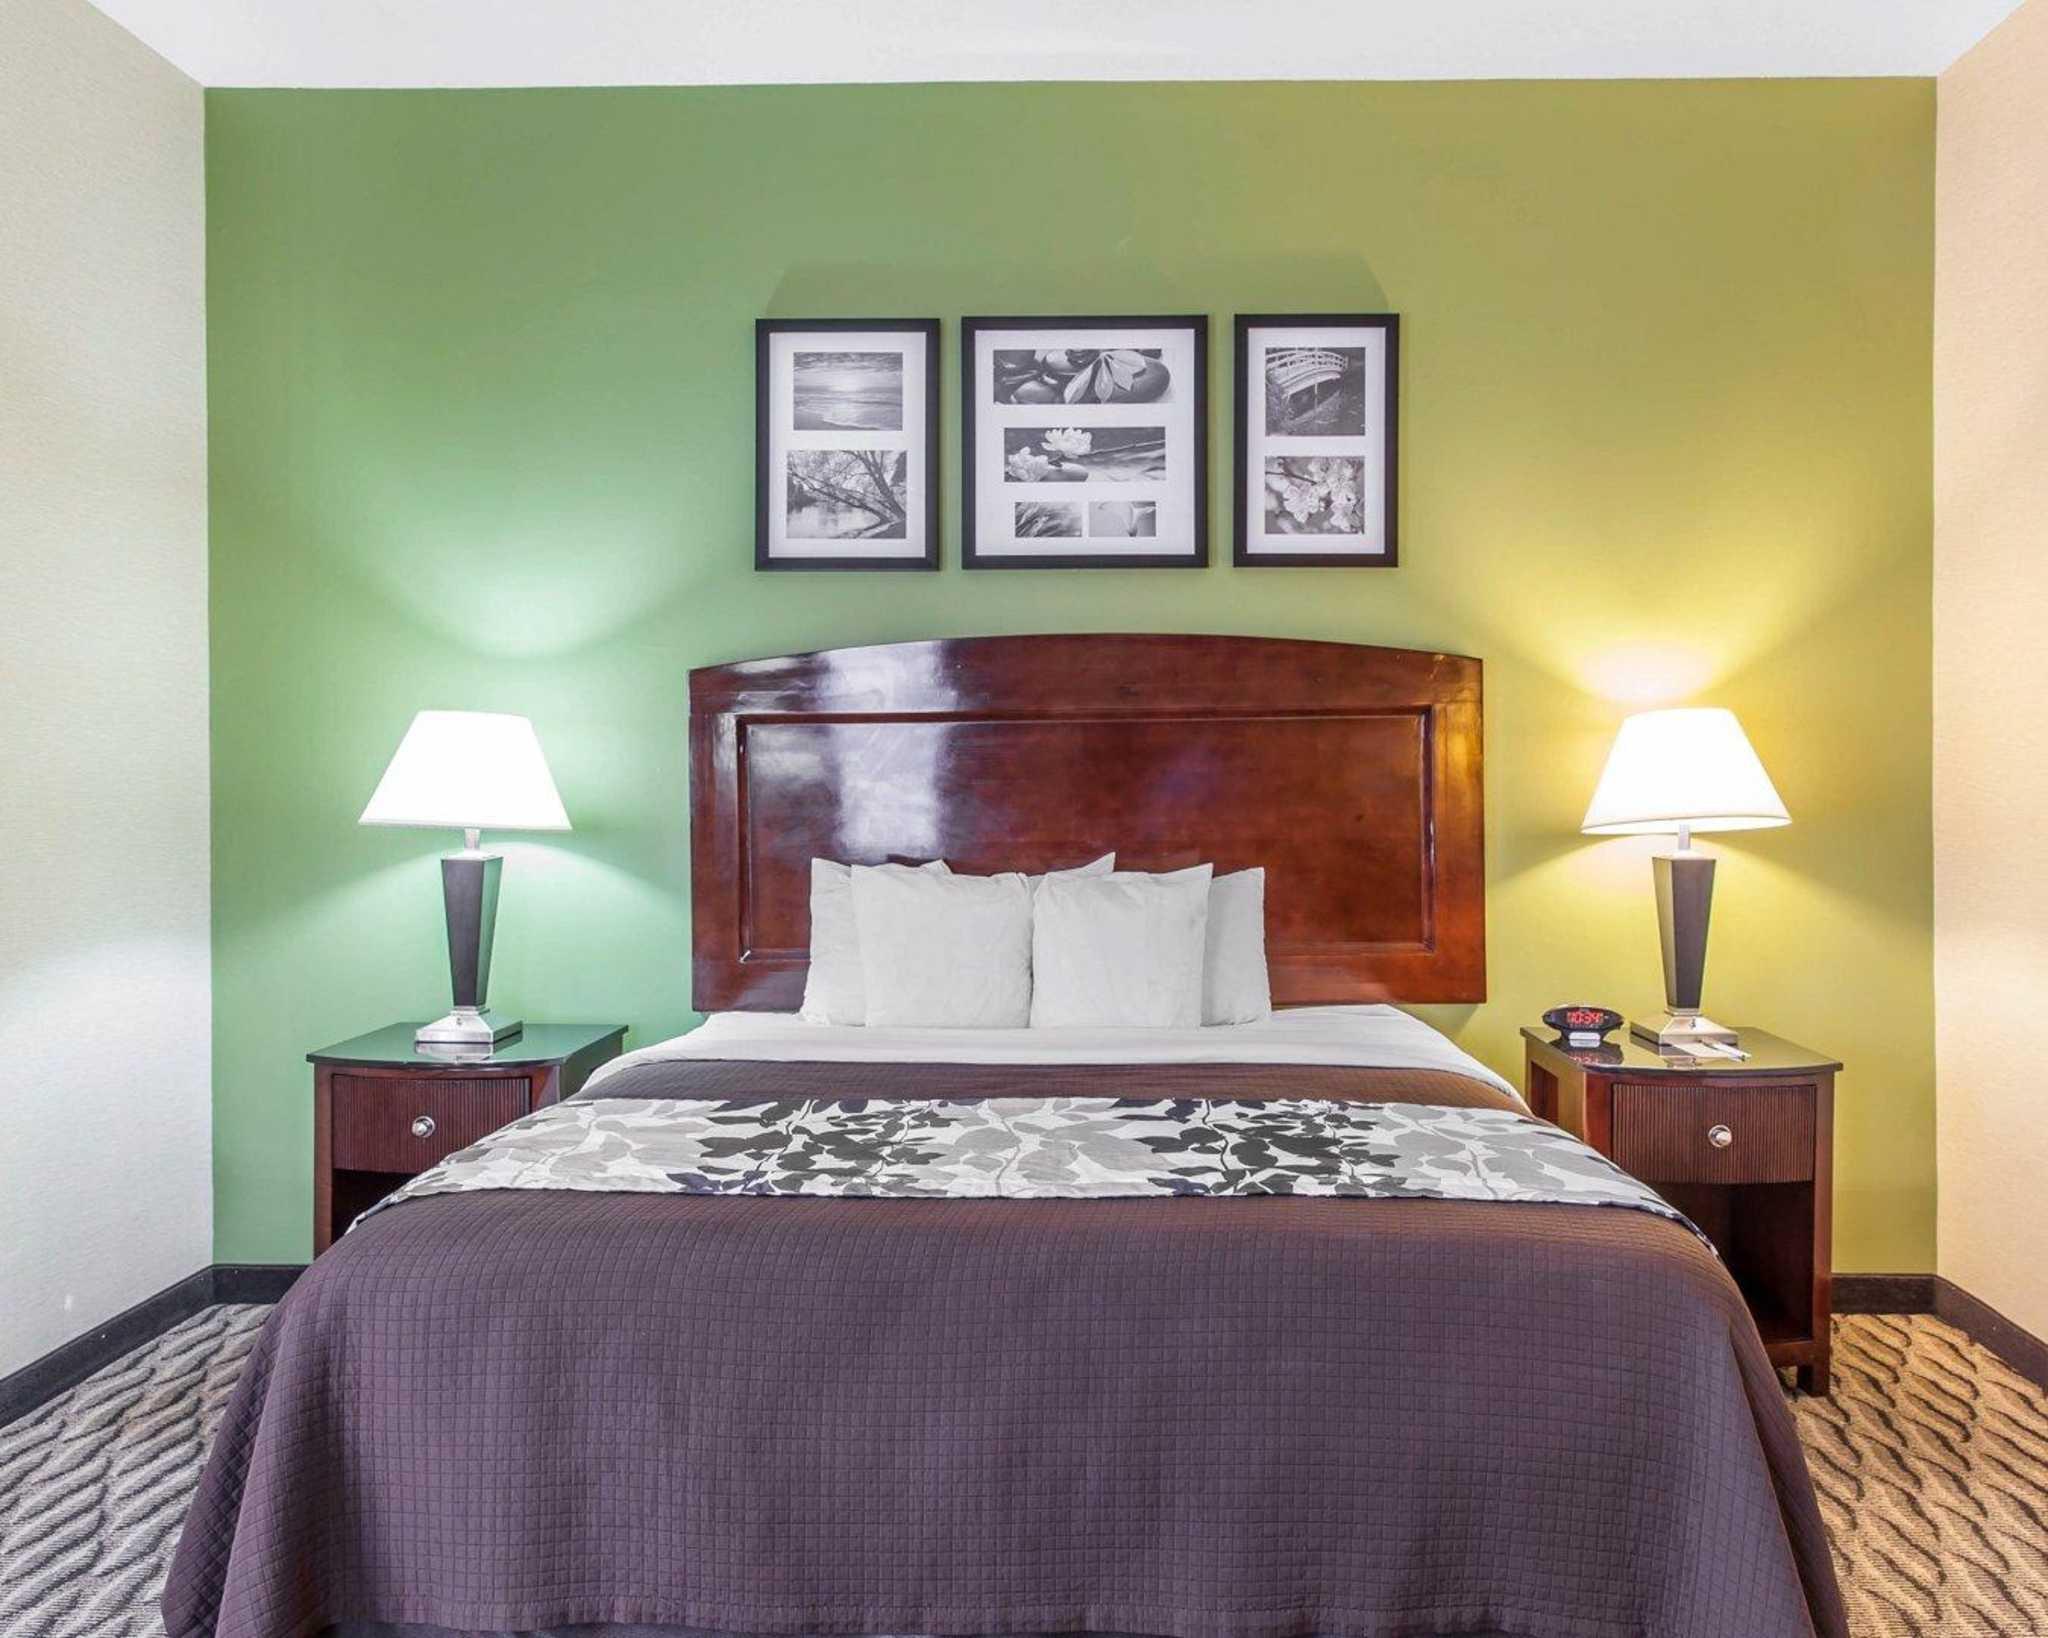 Sleep Inn & Suites Upper Marlboro near Andrews AFB image 25